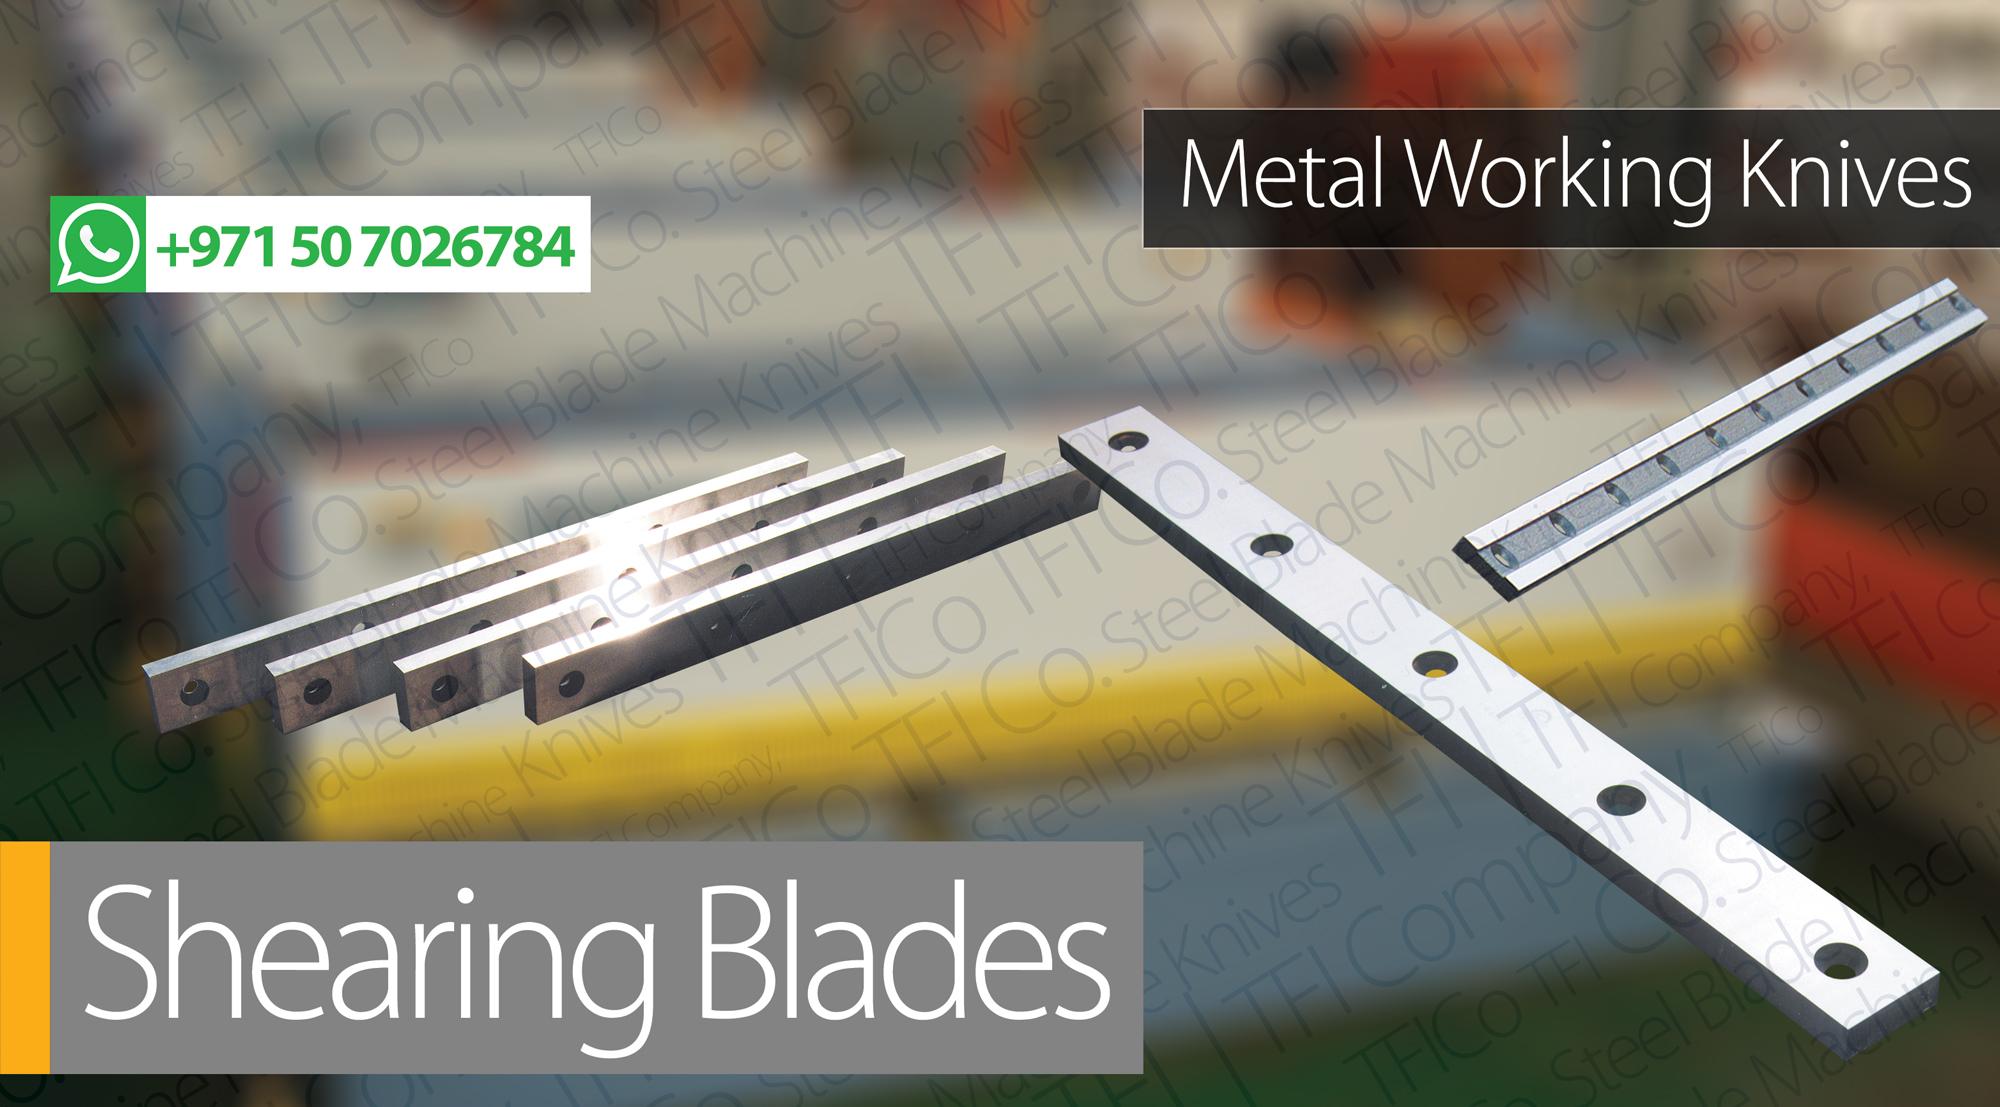 2 Cutting Edge | Shearing Blades